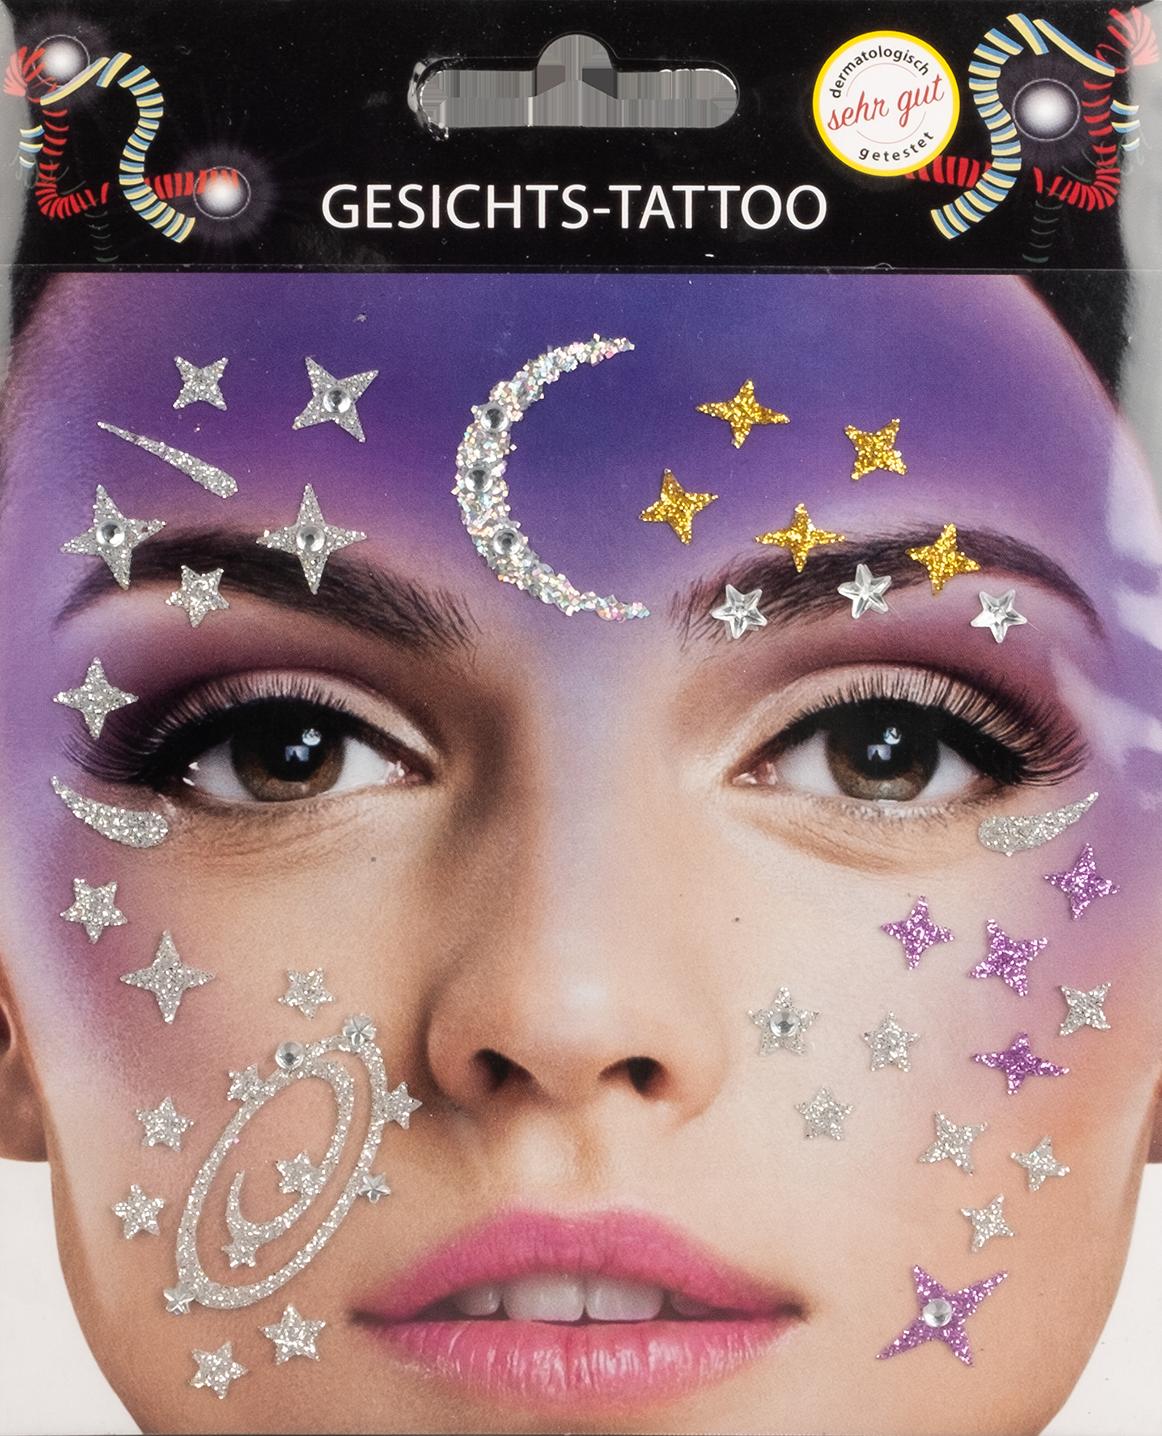 Gesichts-Tattoo Galaxy